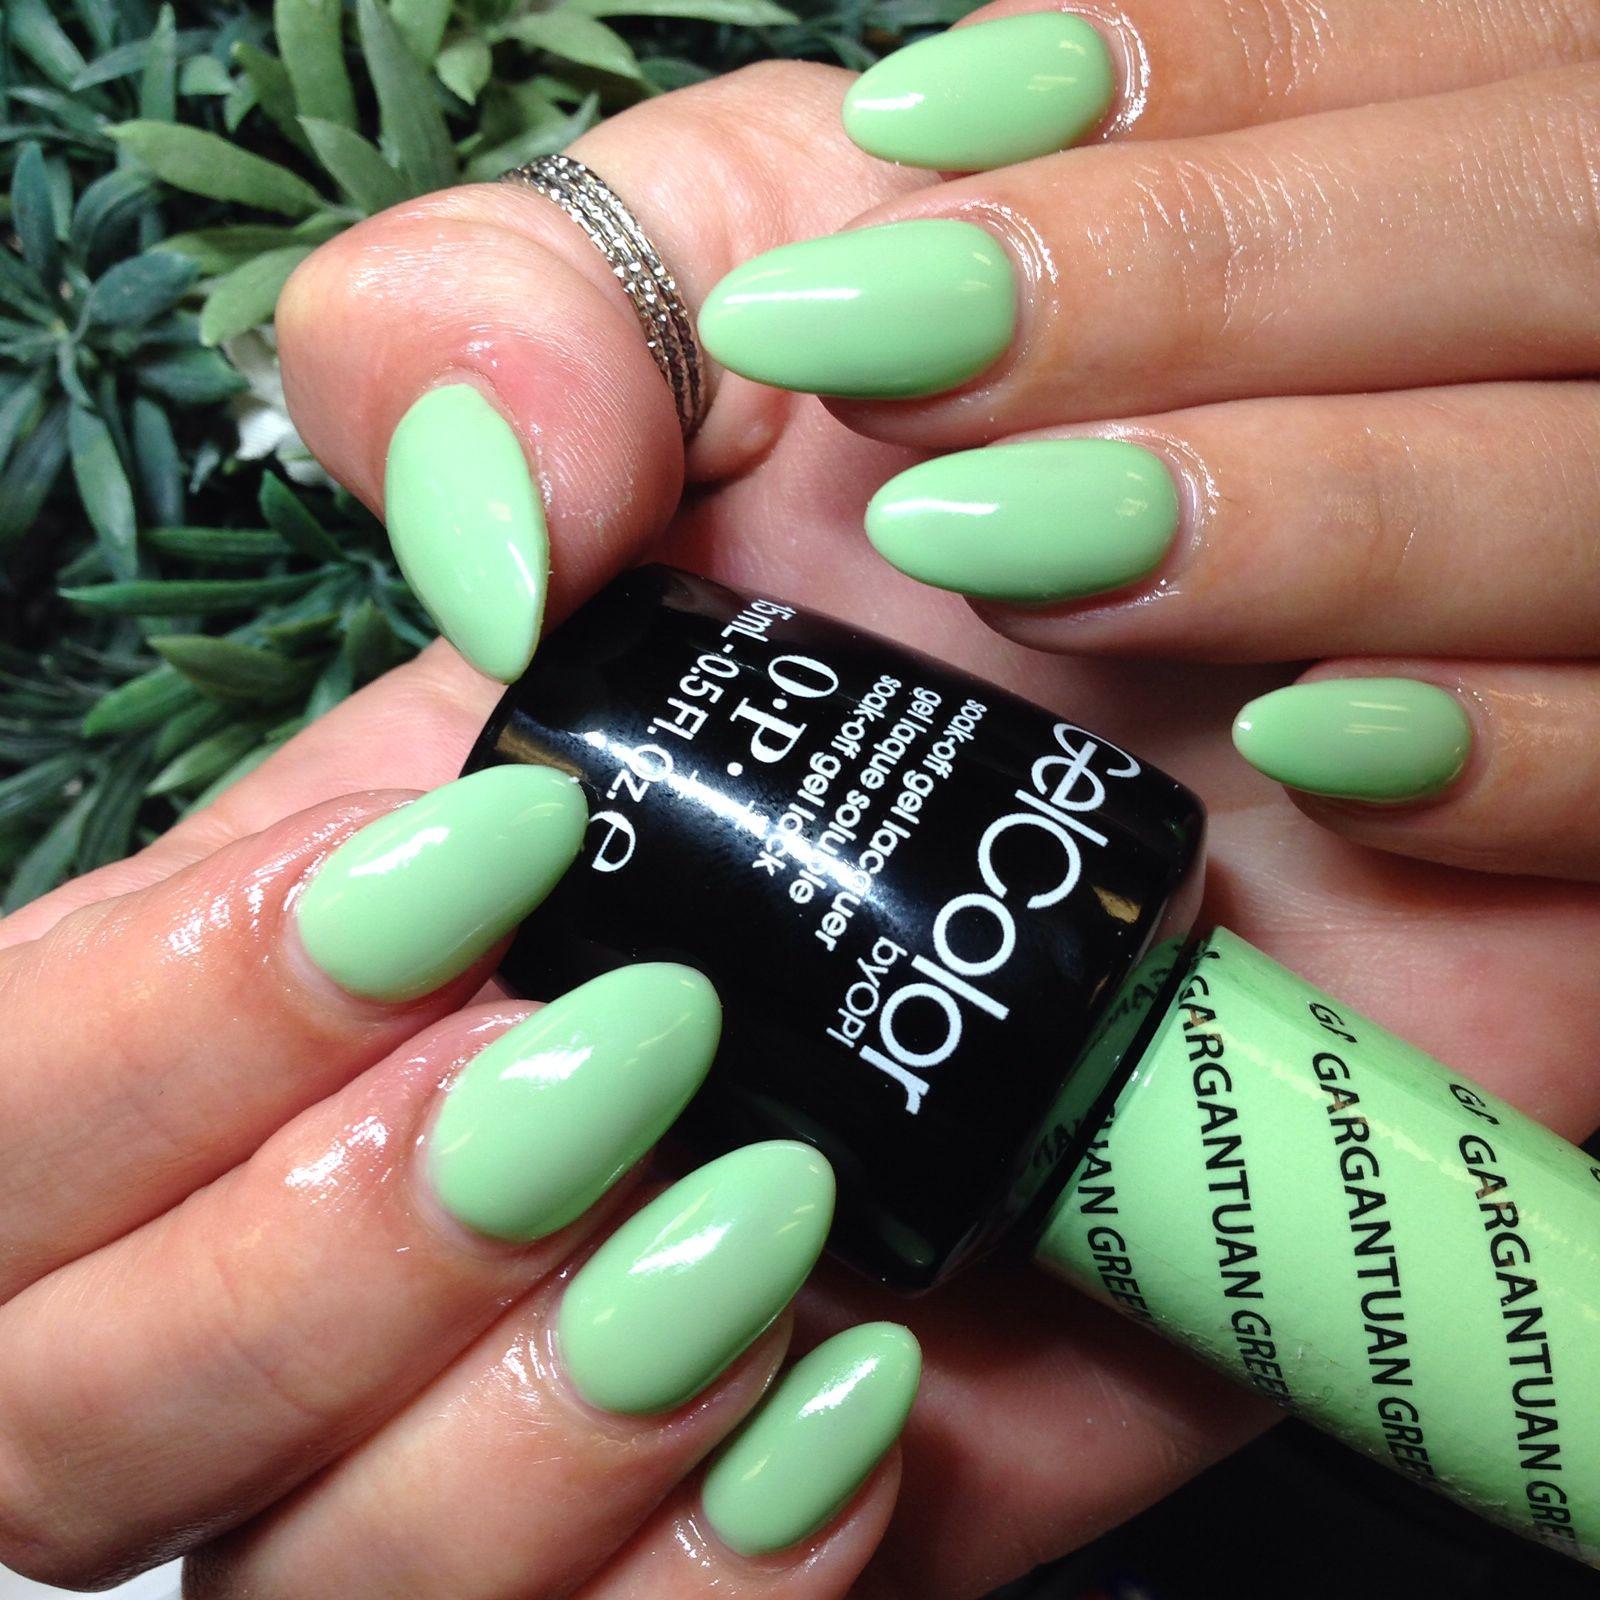 Opi Gel Color Gargantuan Green Grape Jeanyperez Gel Color Opi Manicure Glitter Gel Nails